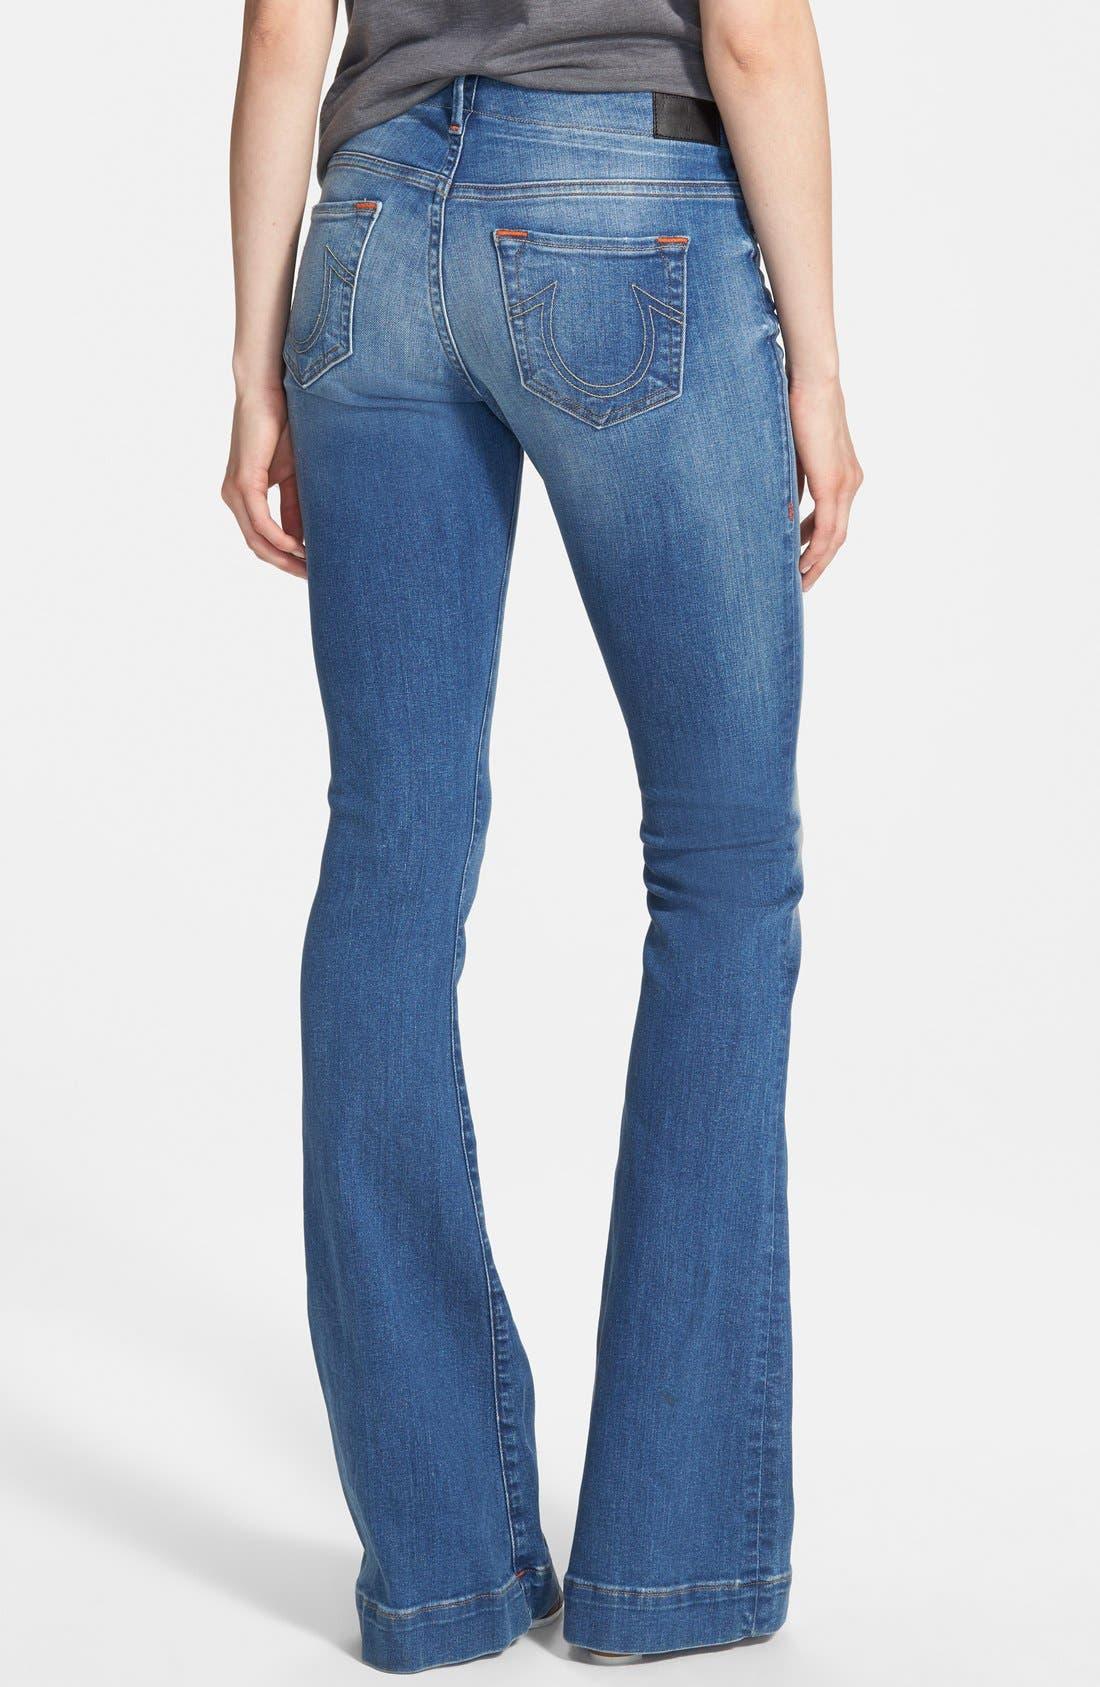 Alternate Image 2  - True Religion Brand Jeans 'Charlize' Flare Jeans (Edenhurst)